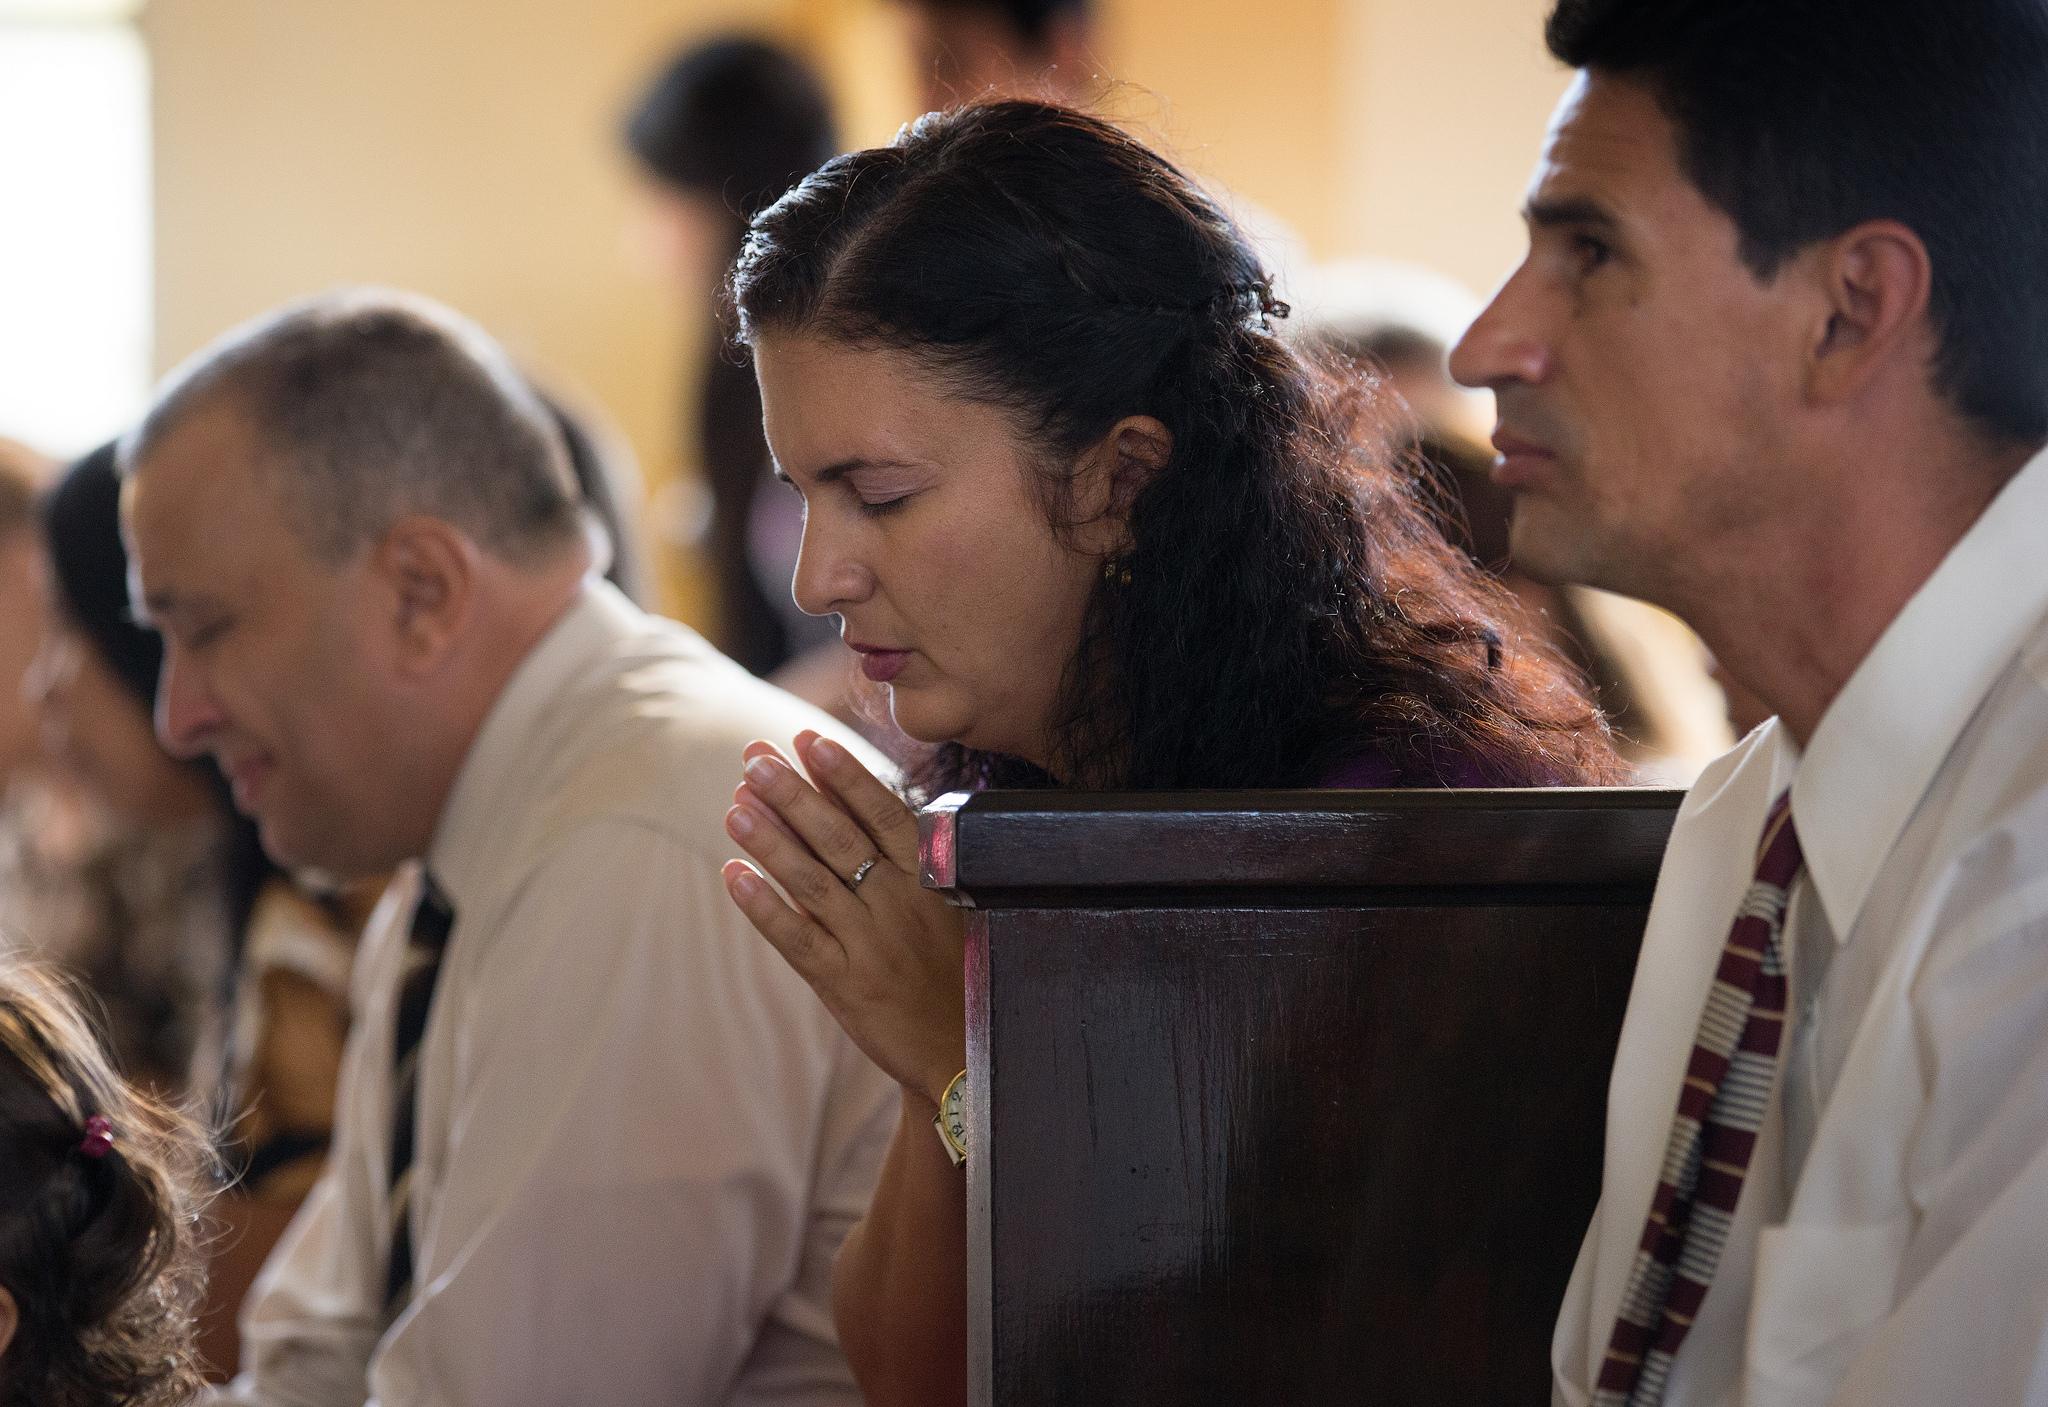 Congregantes de la Iglesia Metodista Marianao ora  durante el servicio dominical en La Habana, Cuba. Foto cortesia de Mike DuBose.